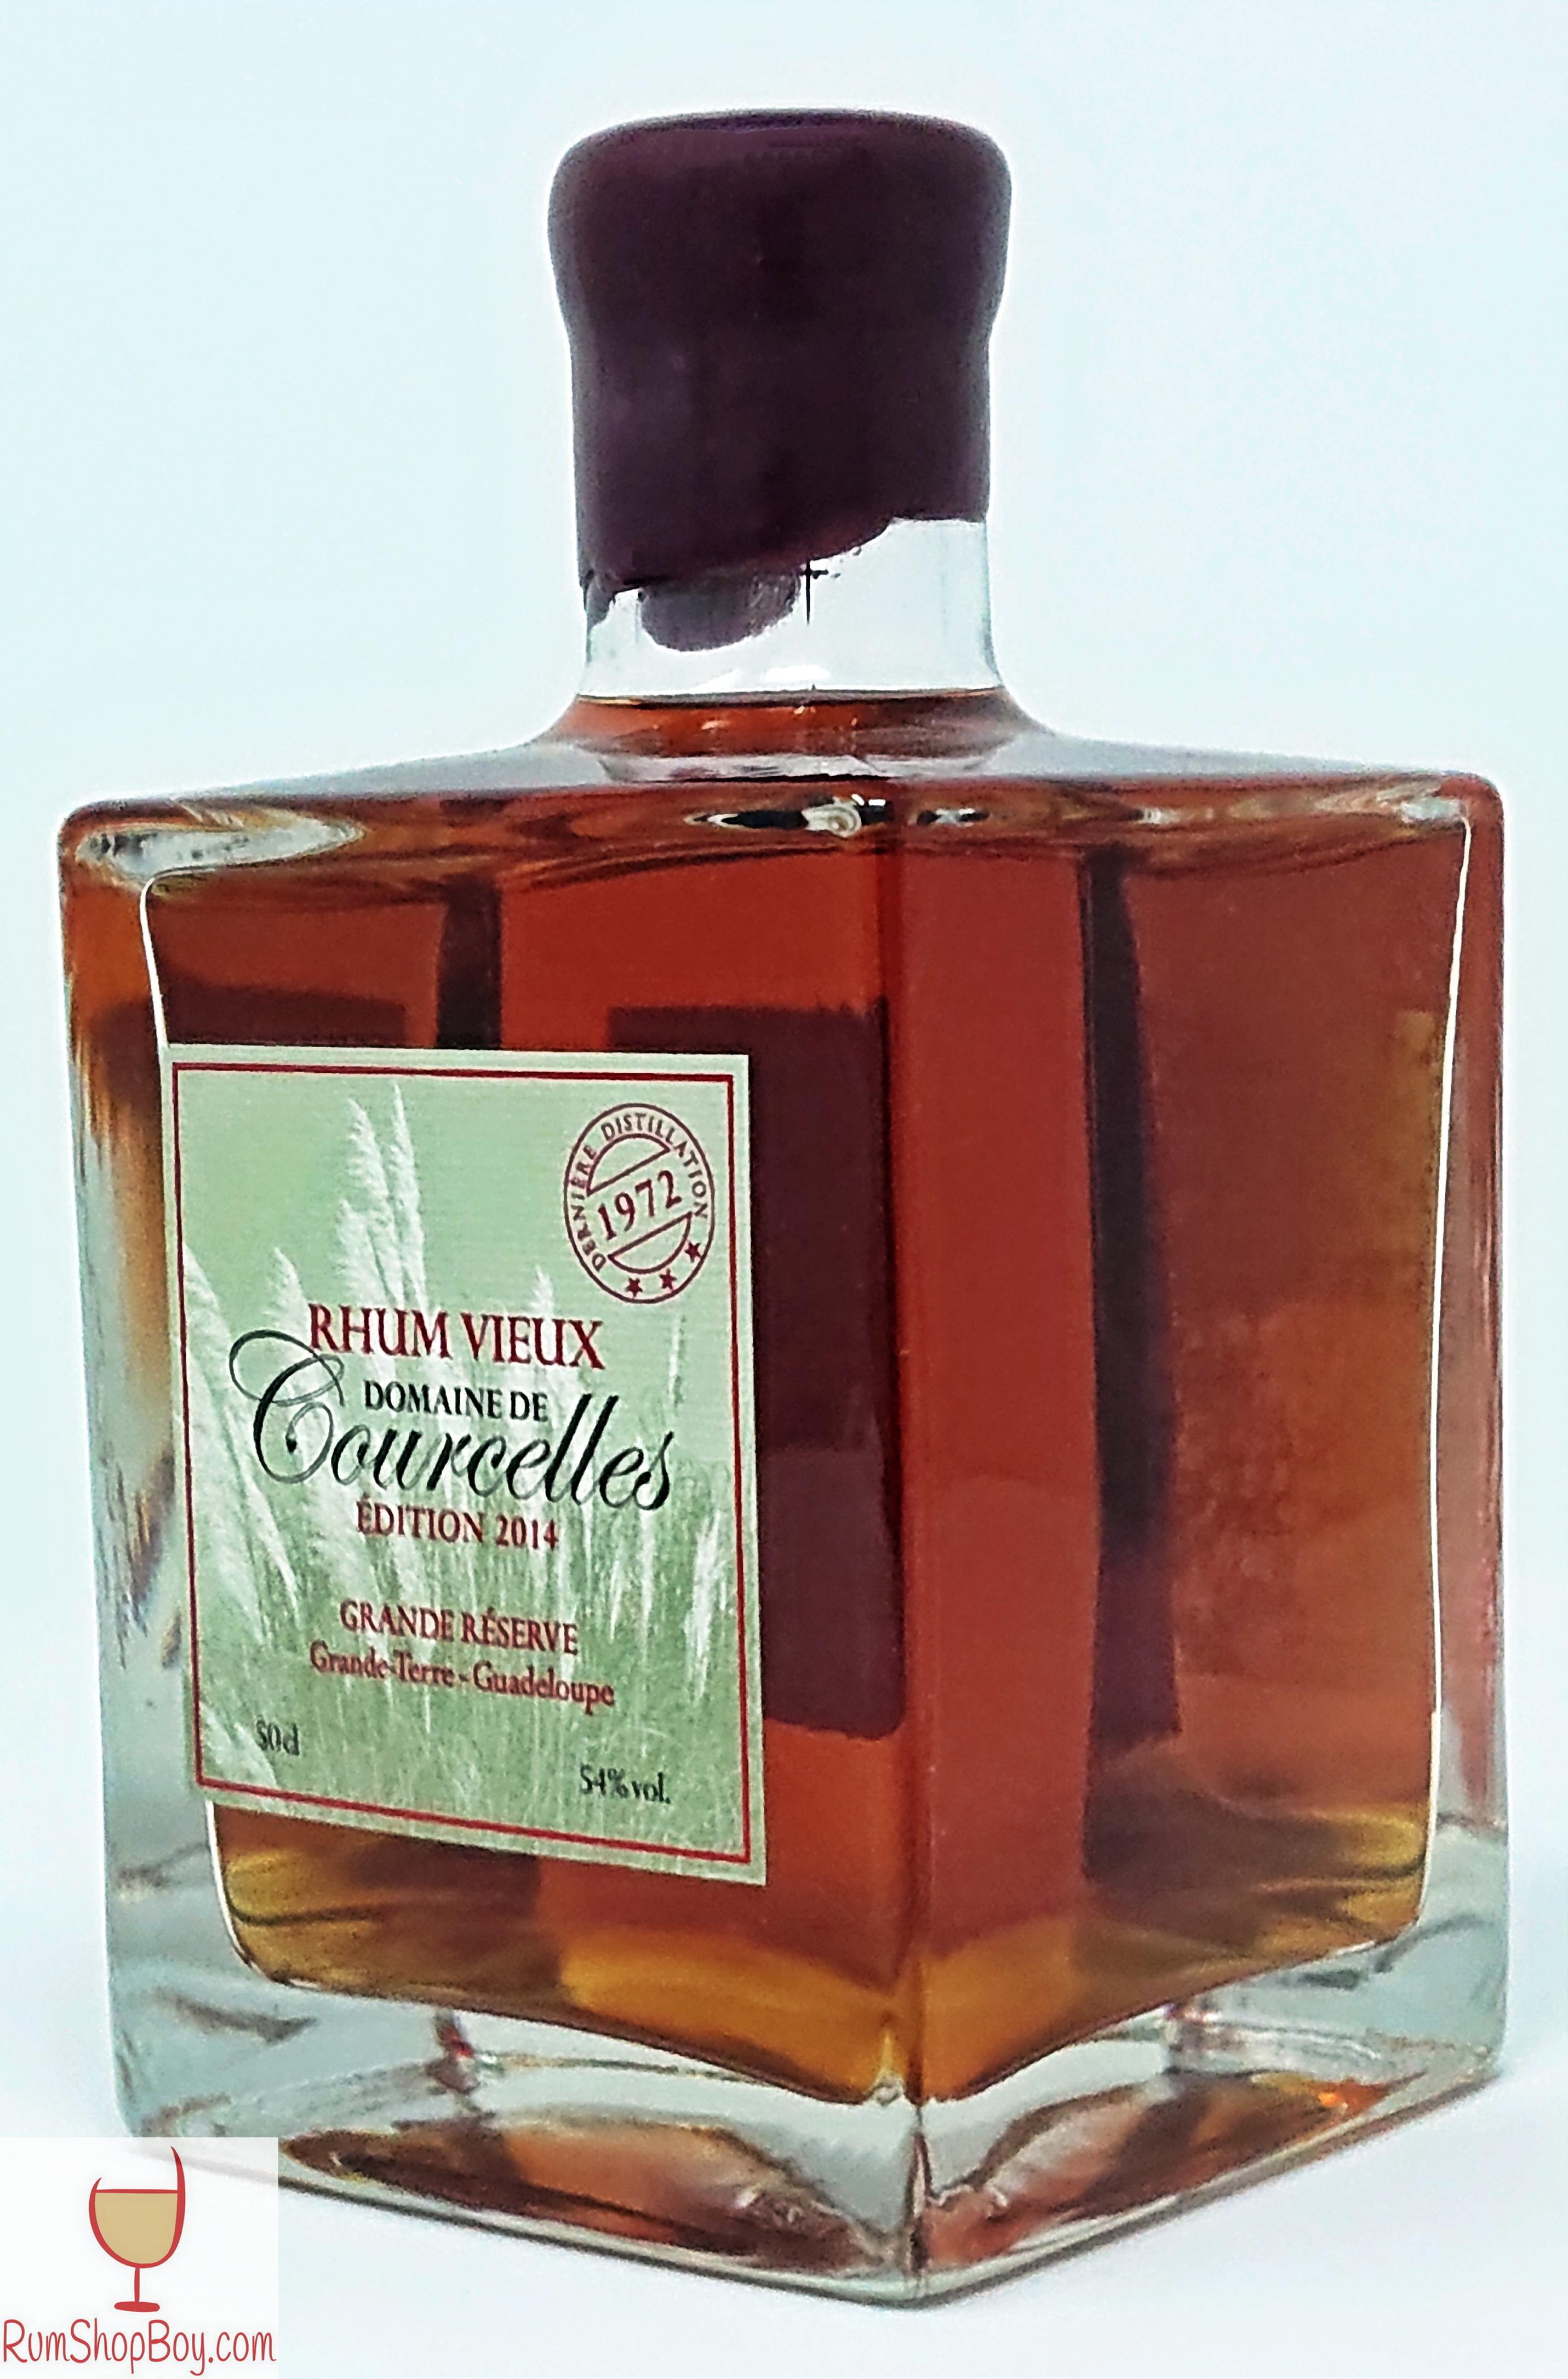 Domaine de Courcelles (1972) Bottle (Side)